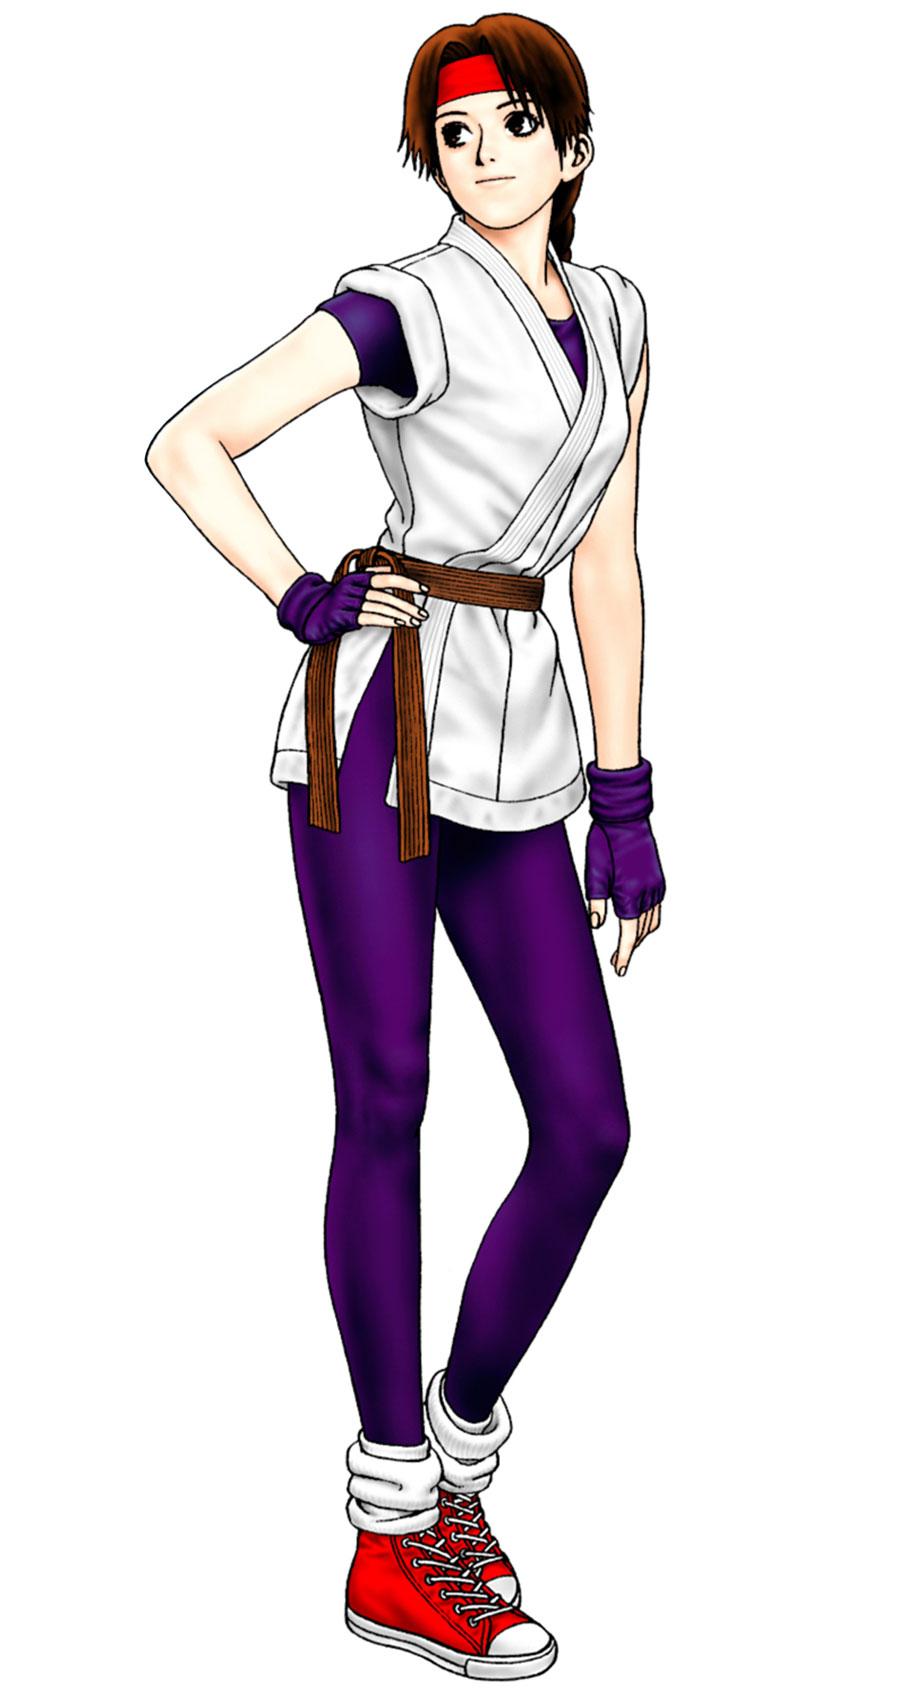 Sakazaki Yuri - King of Fighters - Image #830208